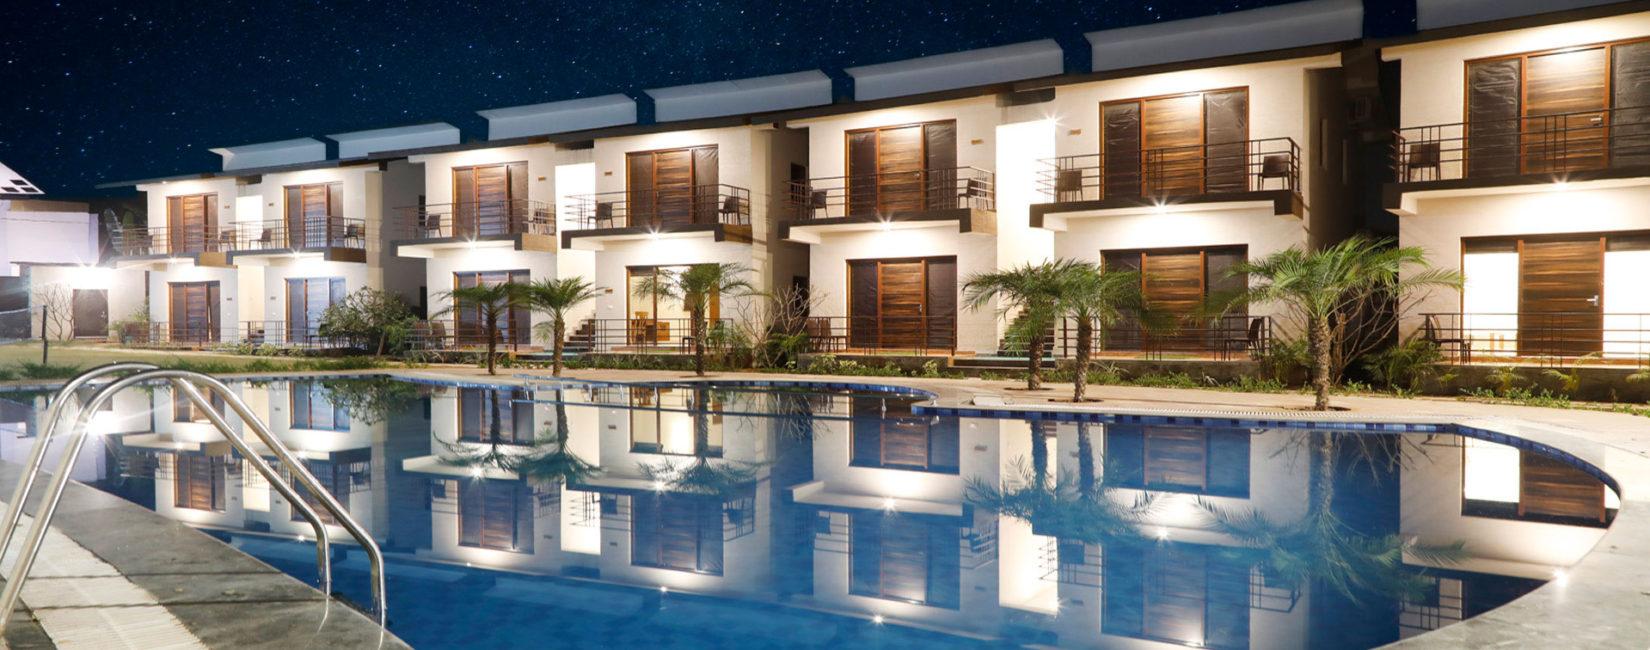 Corbett Panorama Resort -  1 1650x650